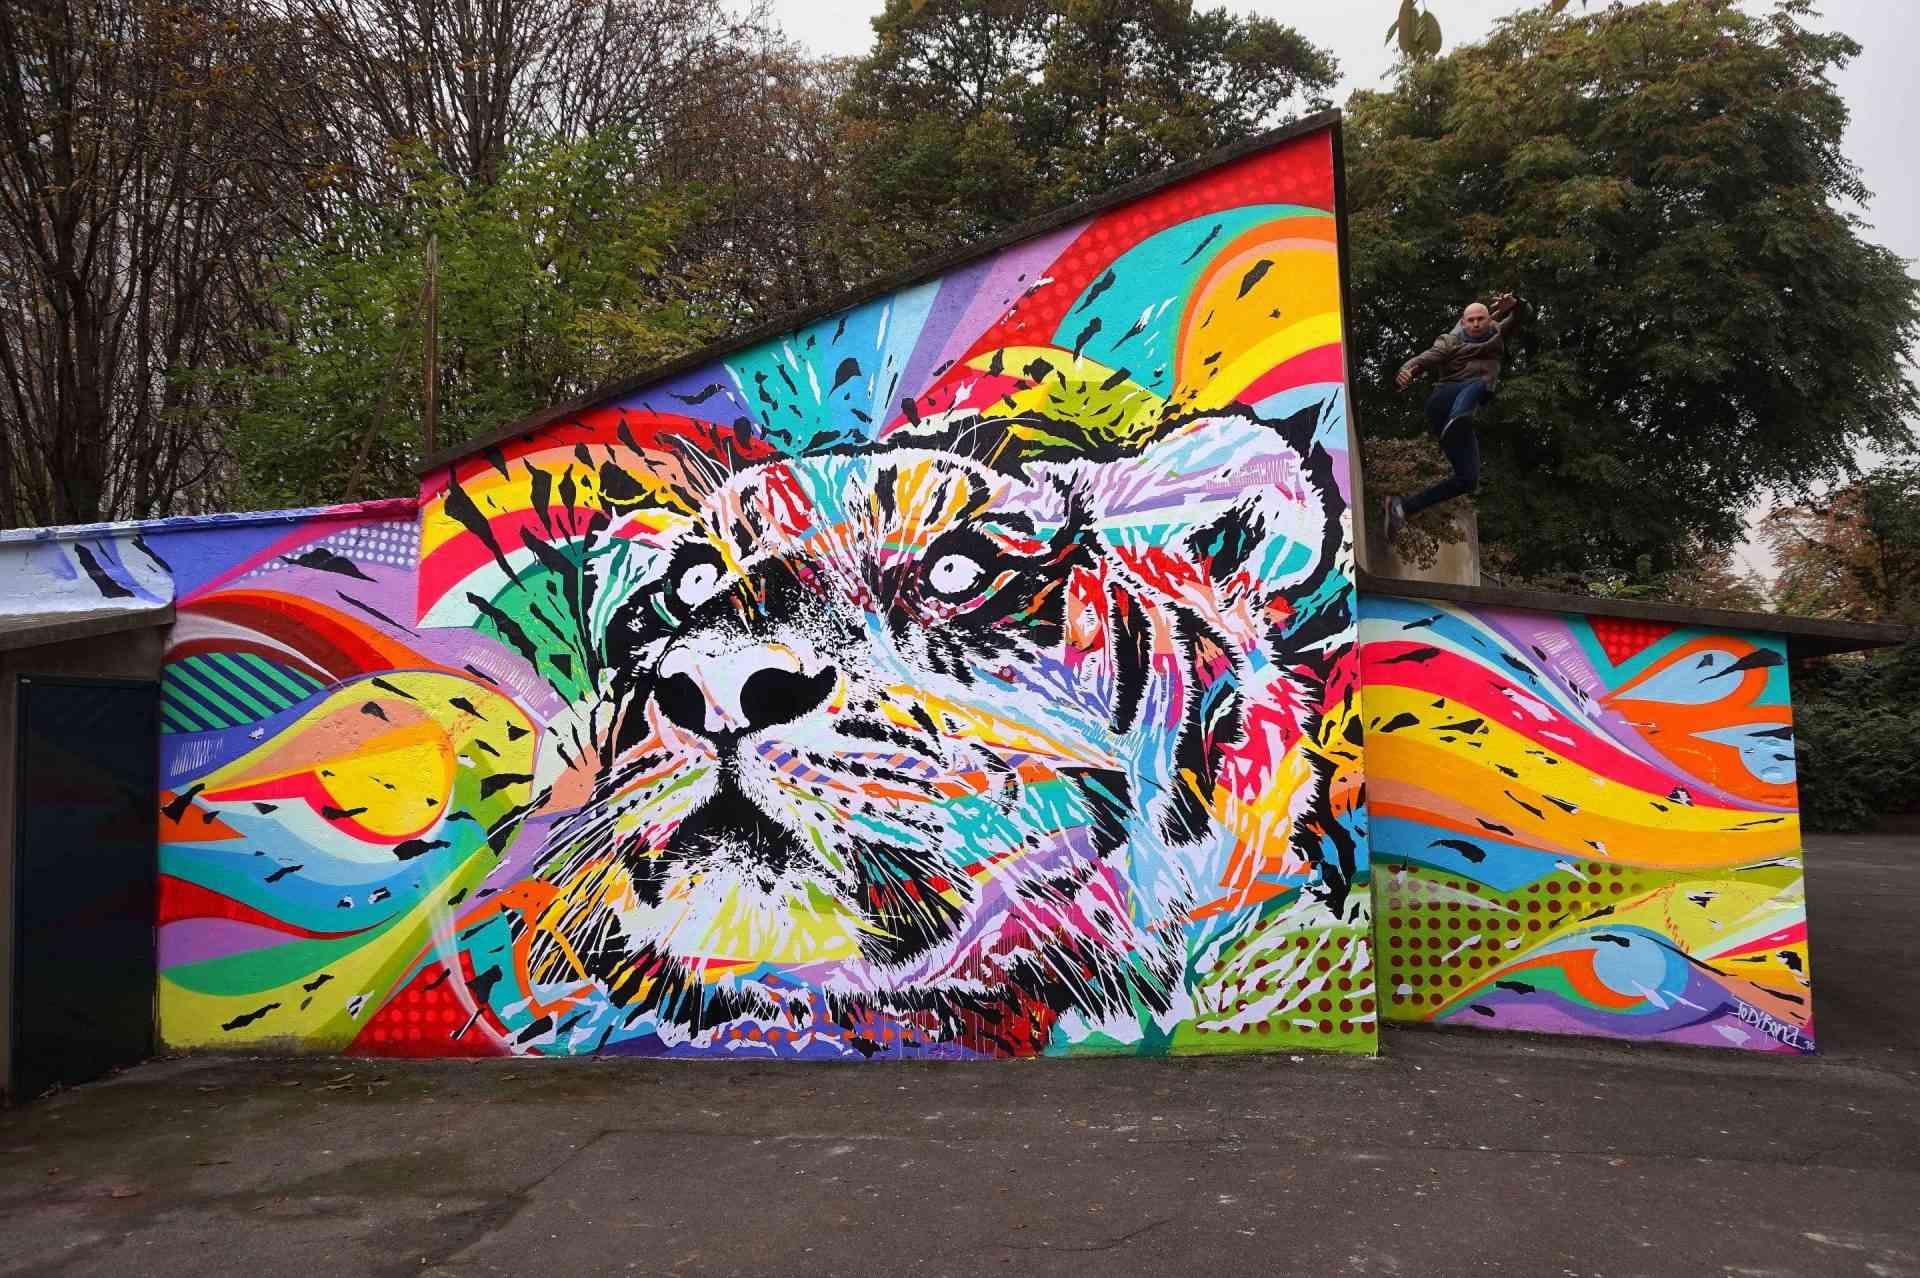 """""""VITRY ART 2 RUE Vitry-sur-Seine by Jo Di Bona 2016"""""""